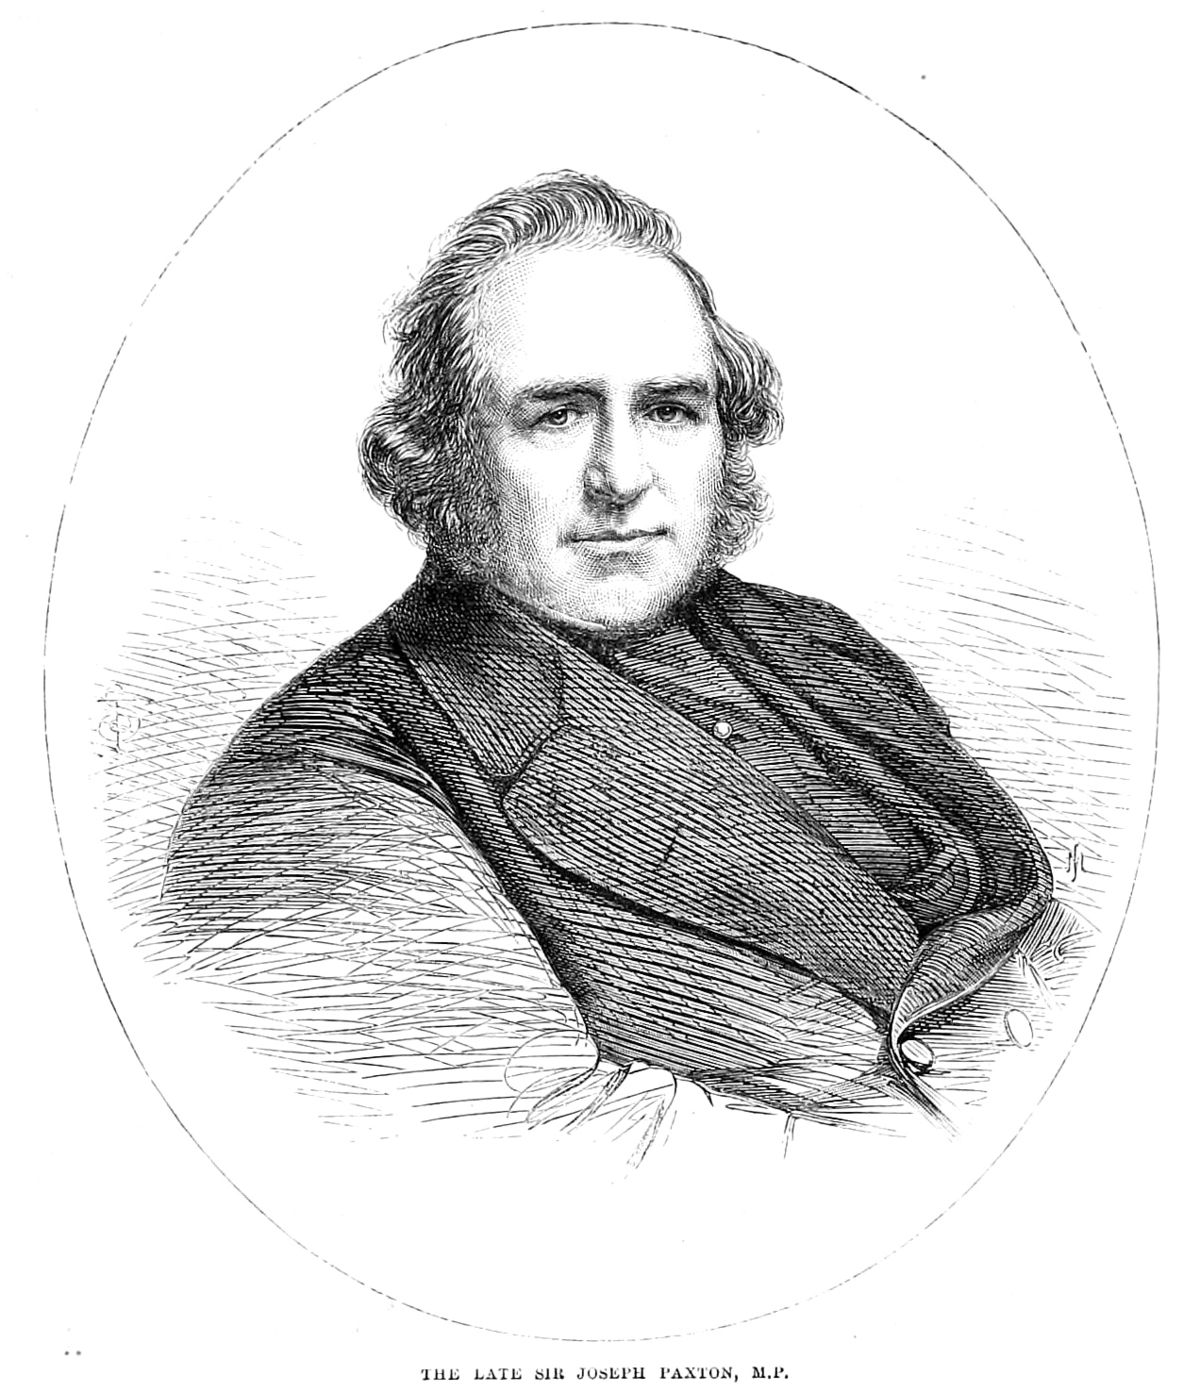 Joseph Paxton Wikipedia